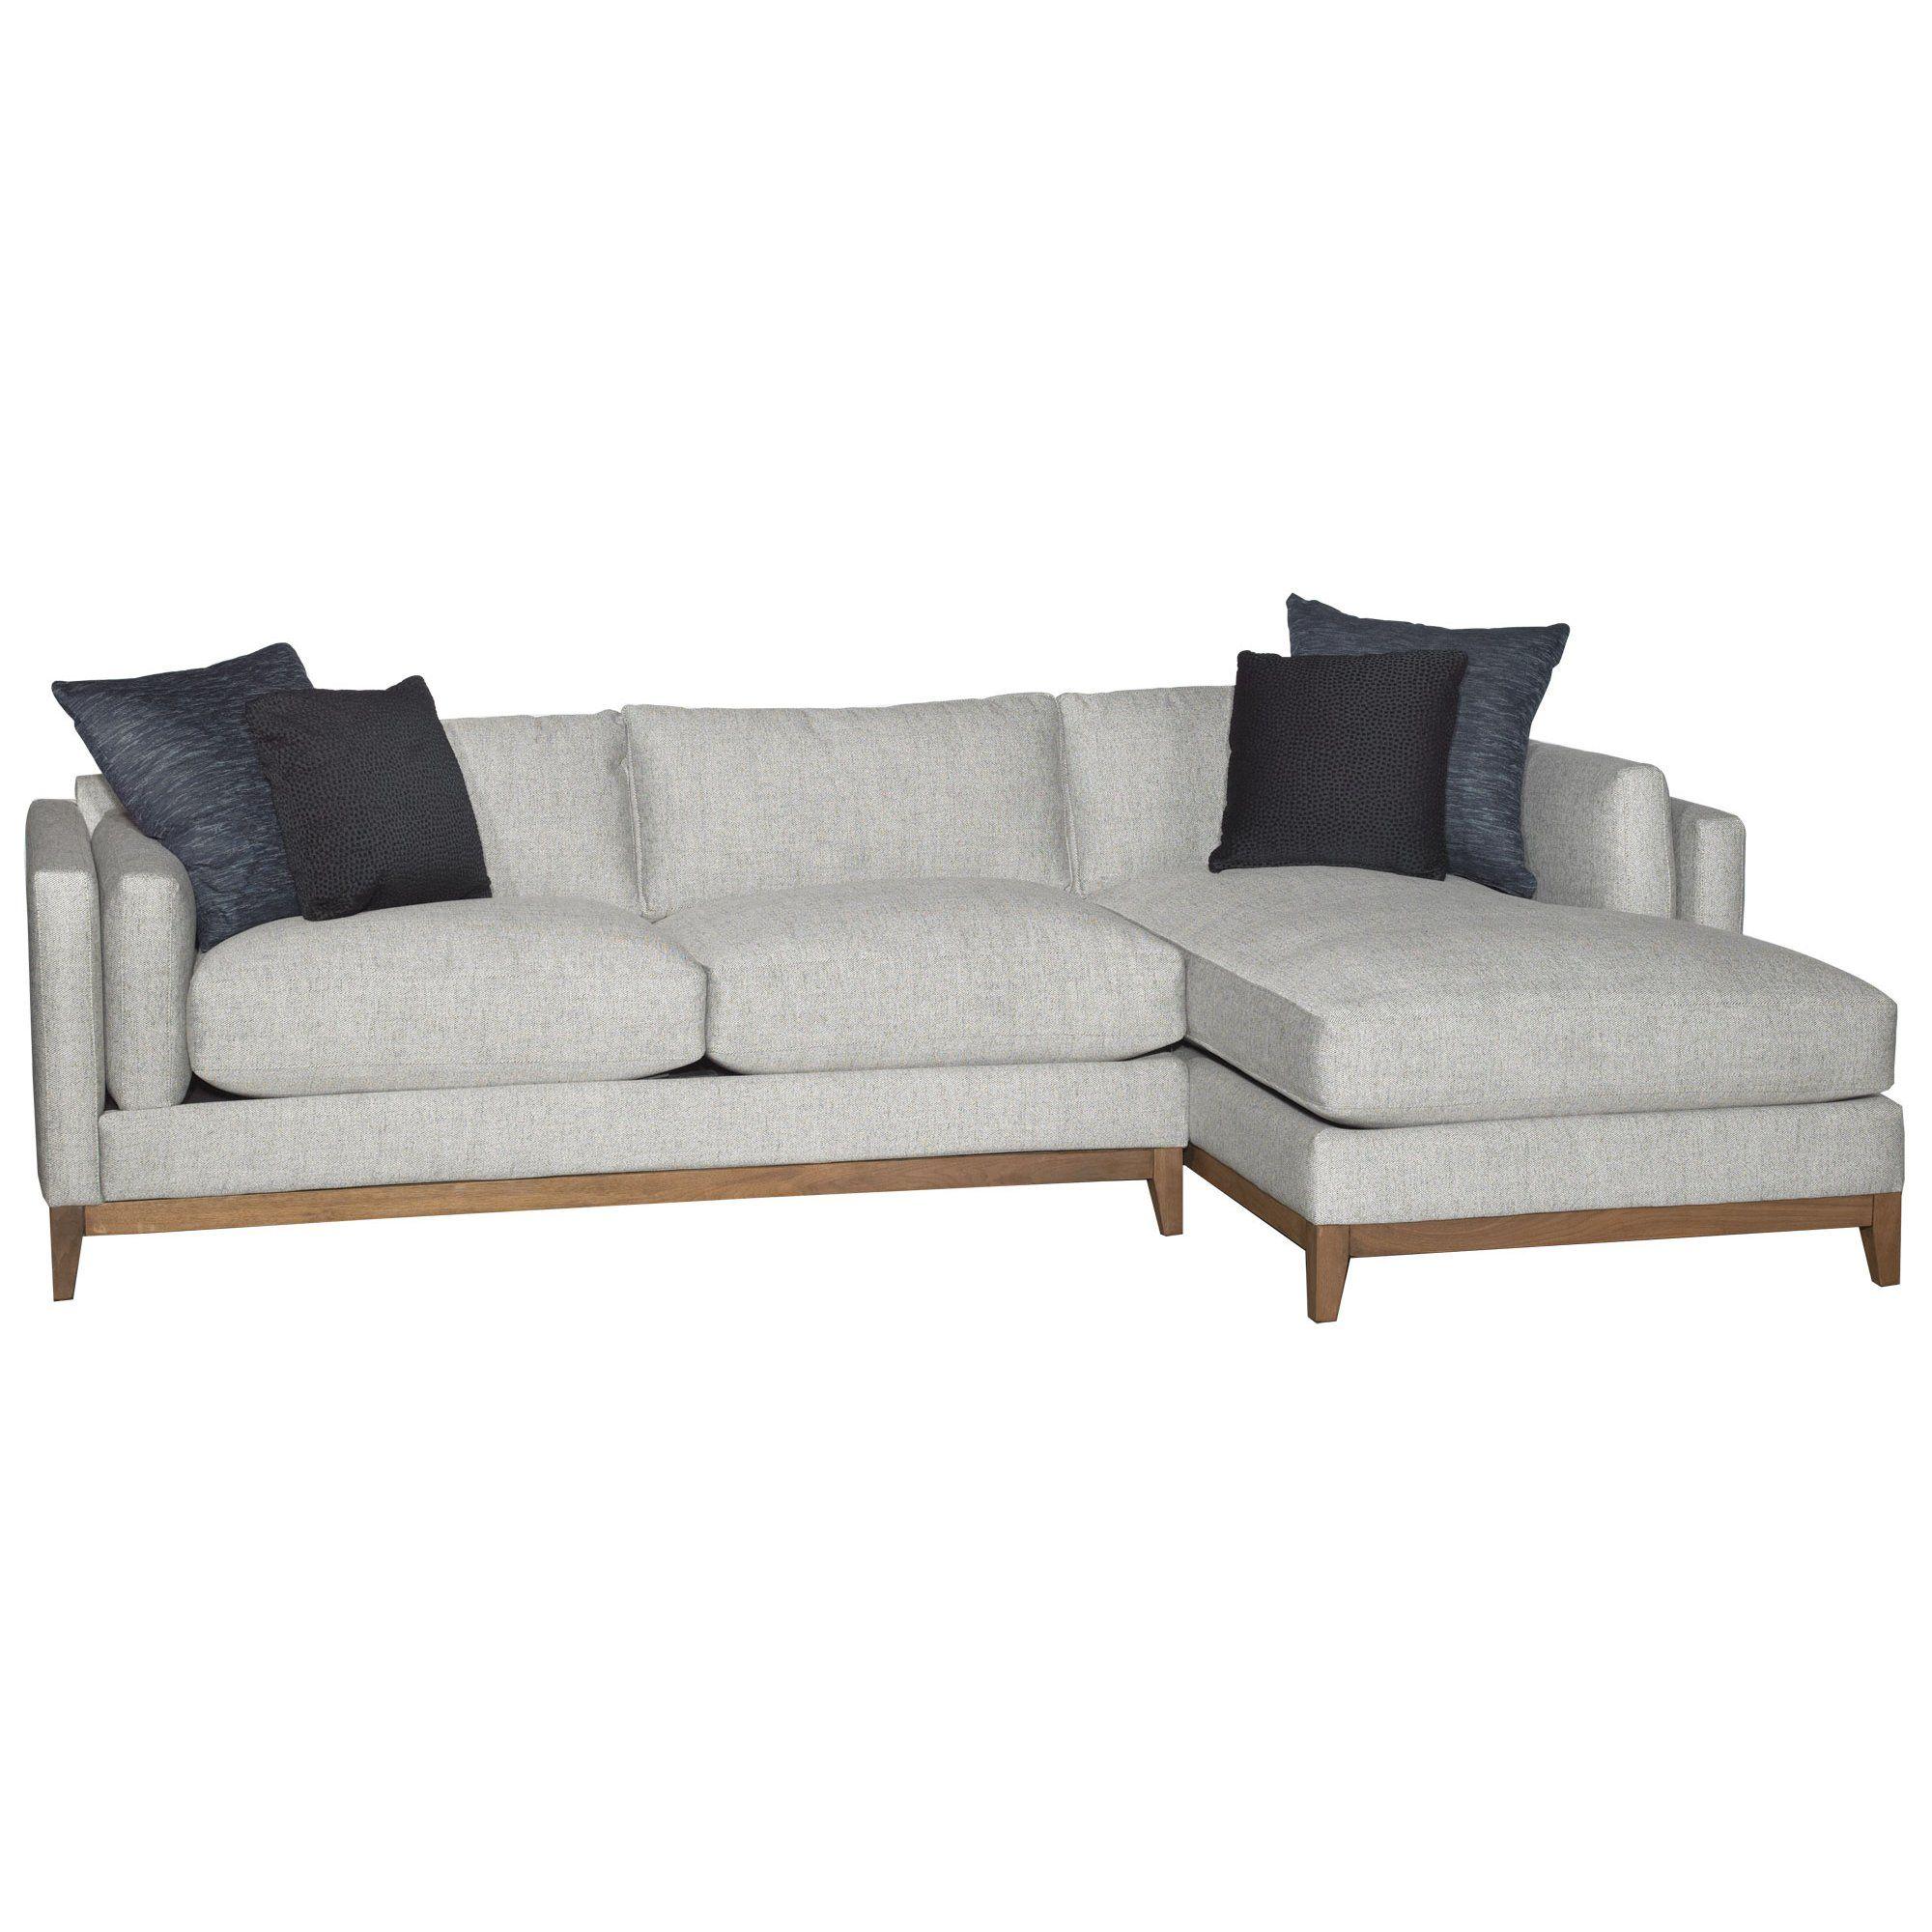 Mid Century Modern Sectional Chaise Sofa Custom Built Mid